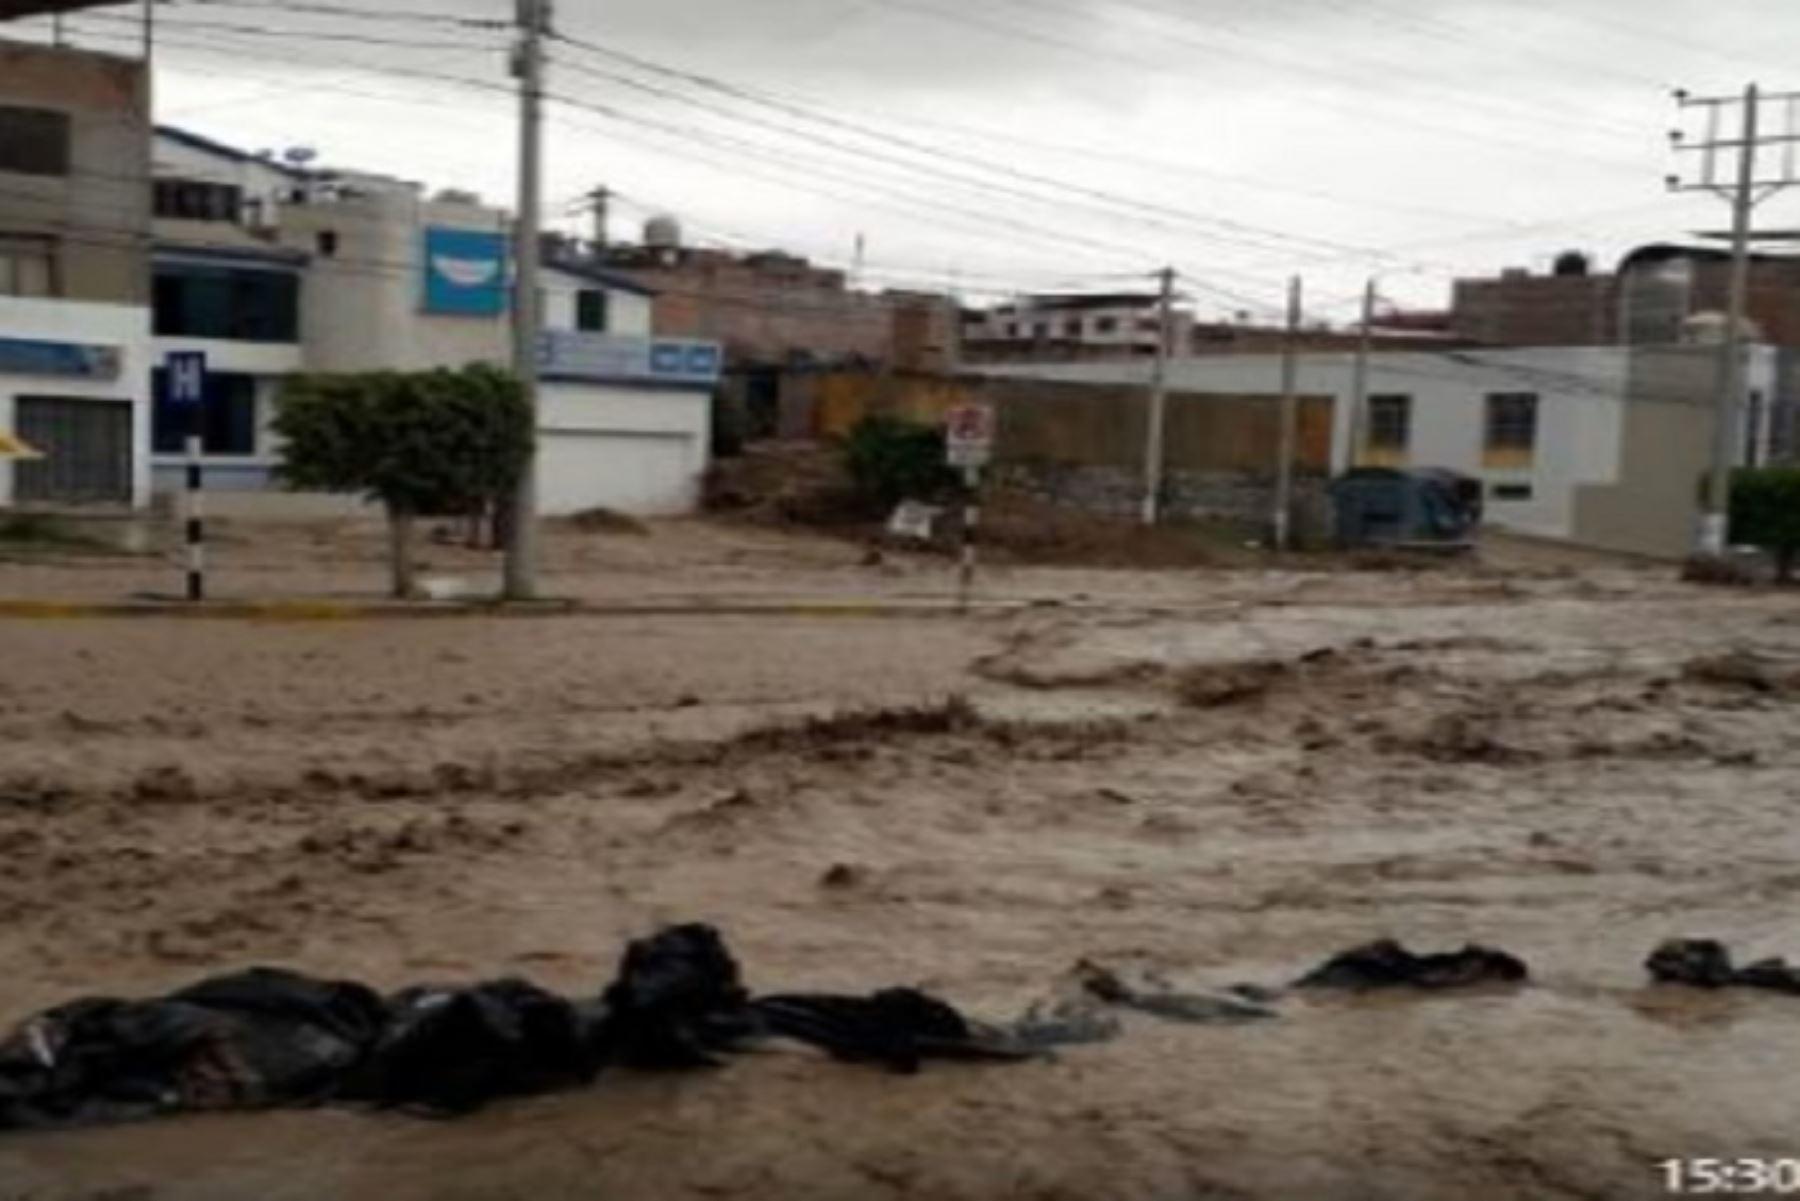 Río Moquegua de desborda inunda calles, viviendas e instituciones de la ciudad